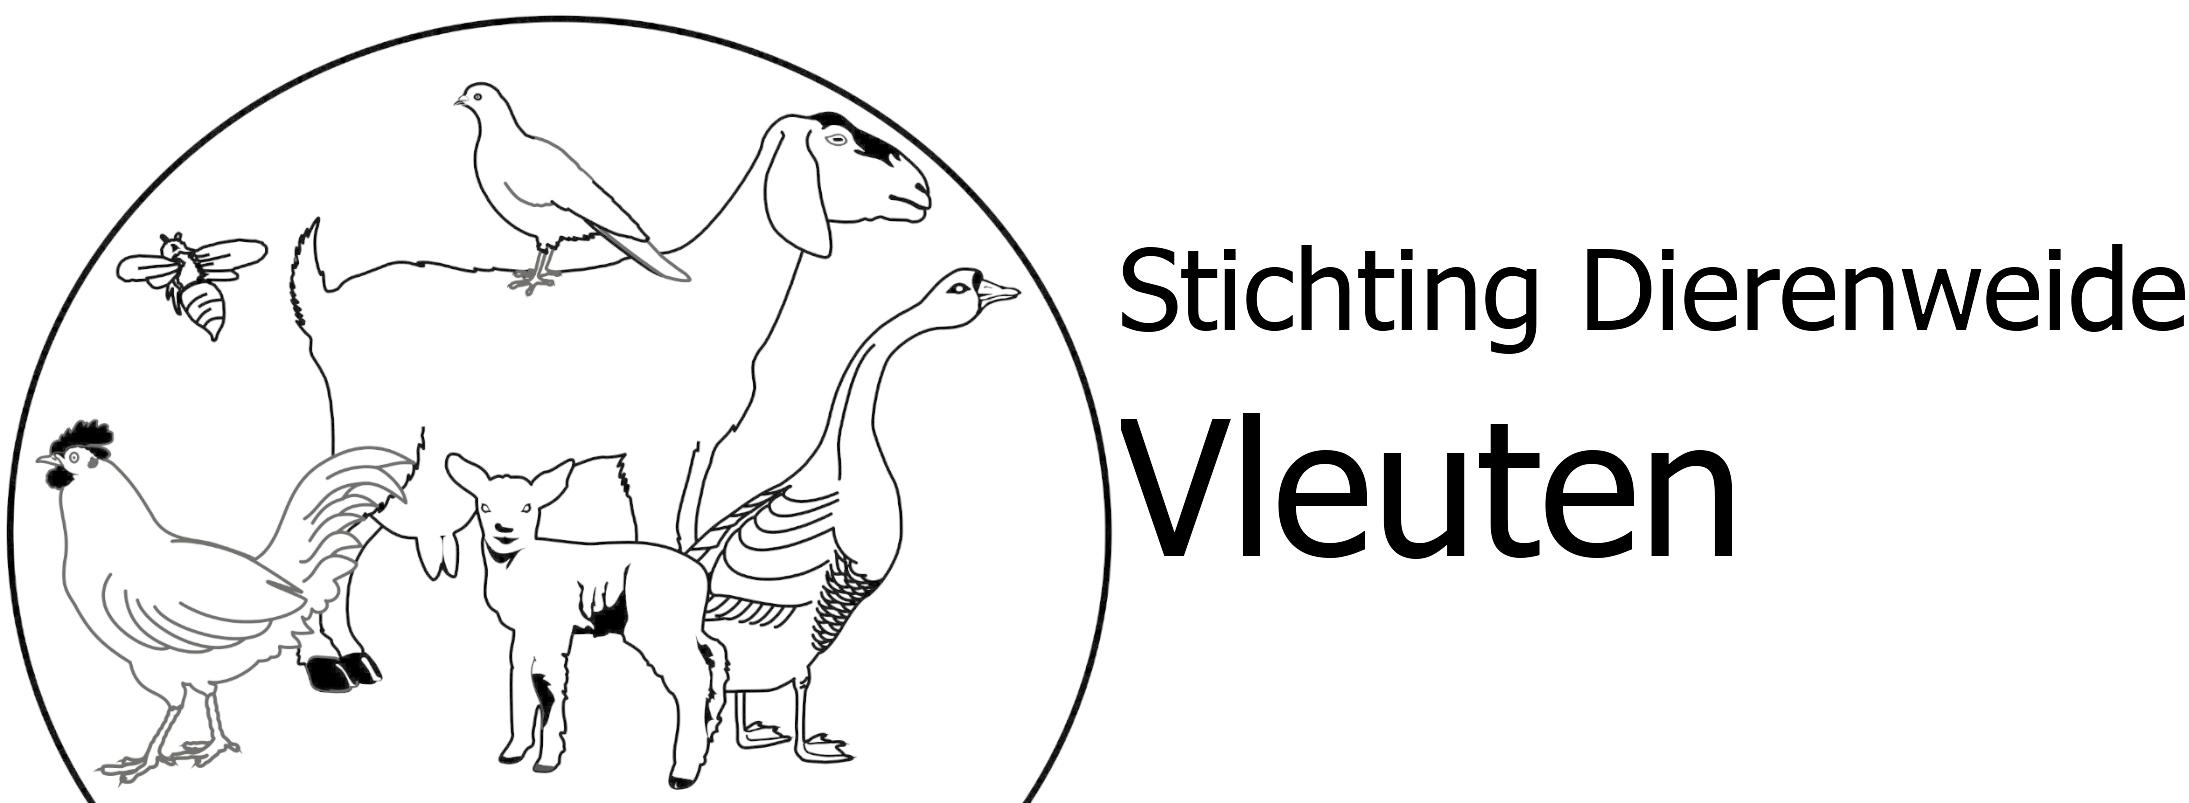 Stichting Dierenweide Vleuten - Utecht